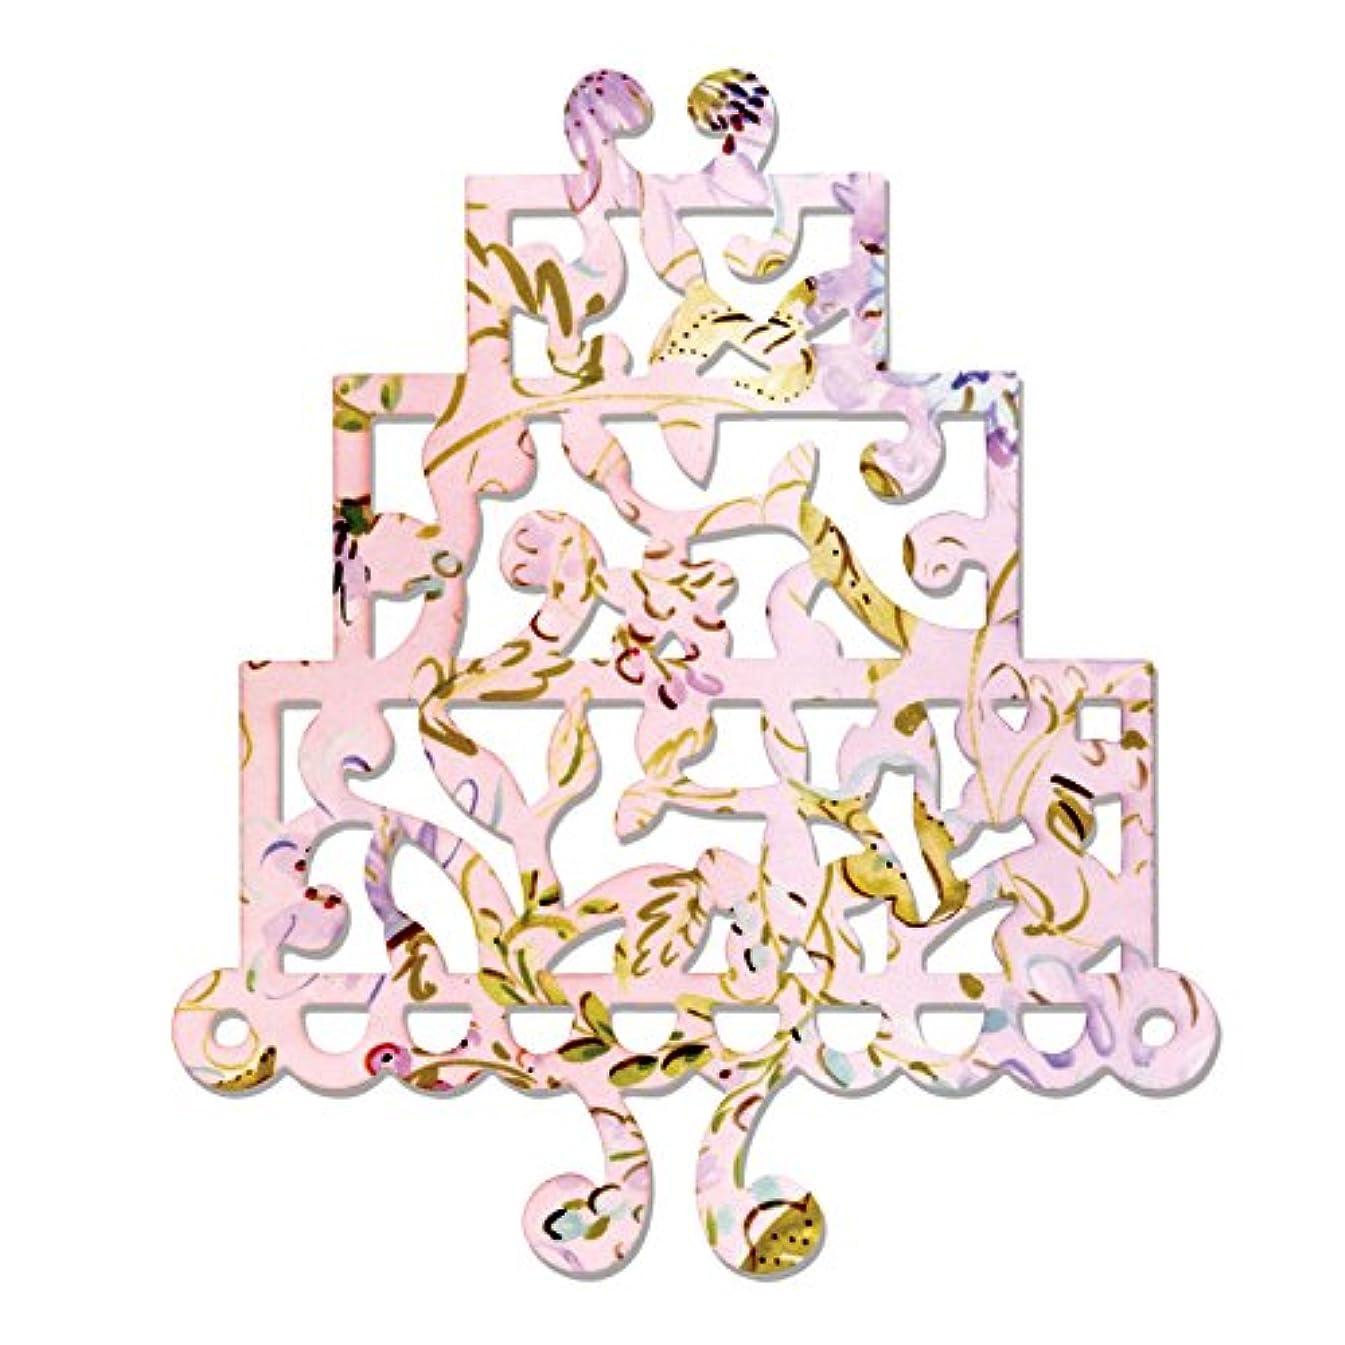 Sizzix Thinlits Die - Cake, Three Tier